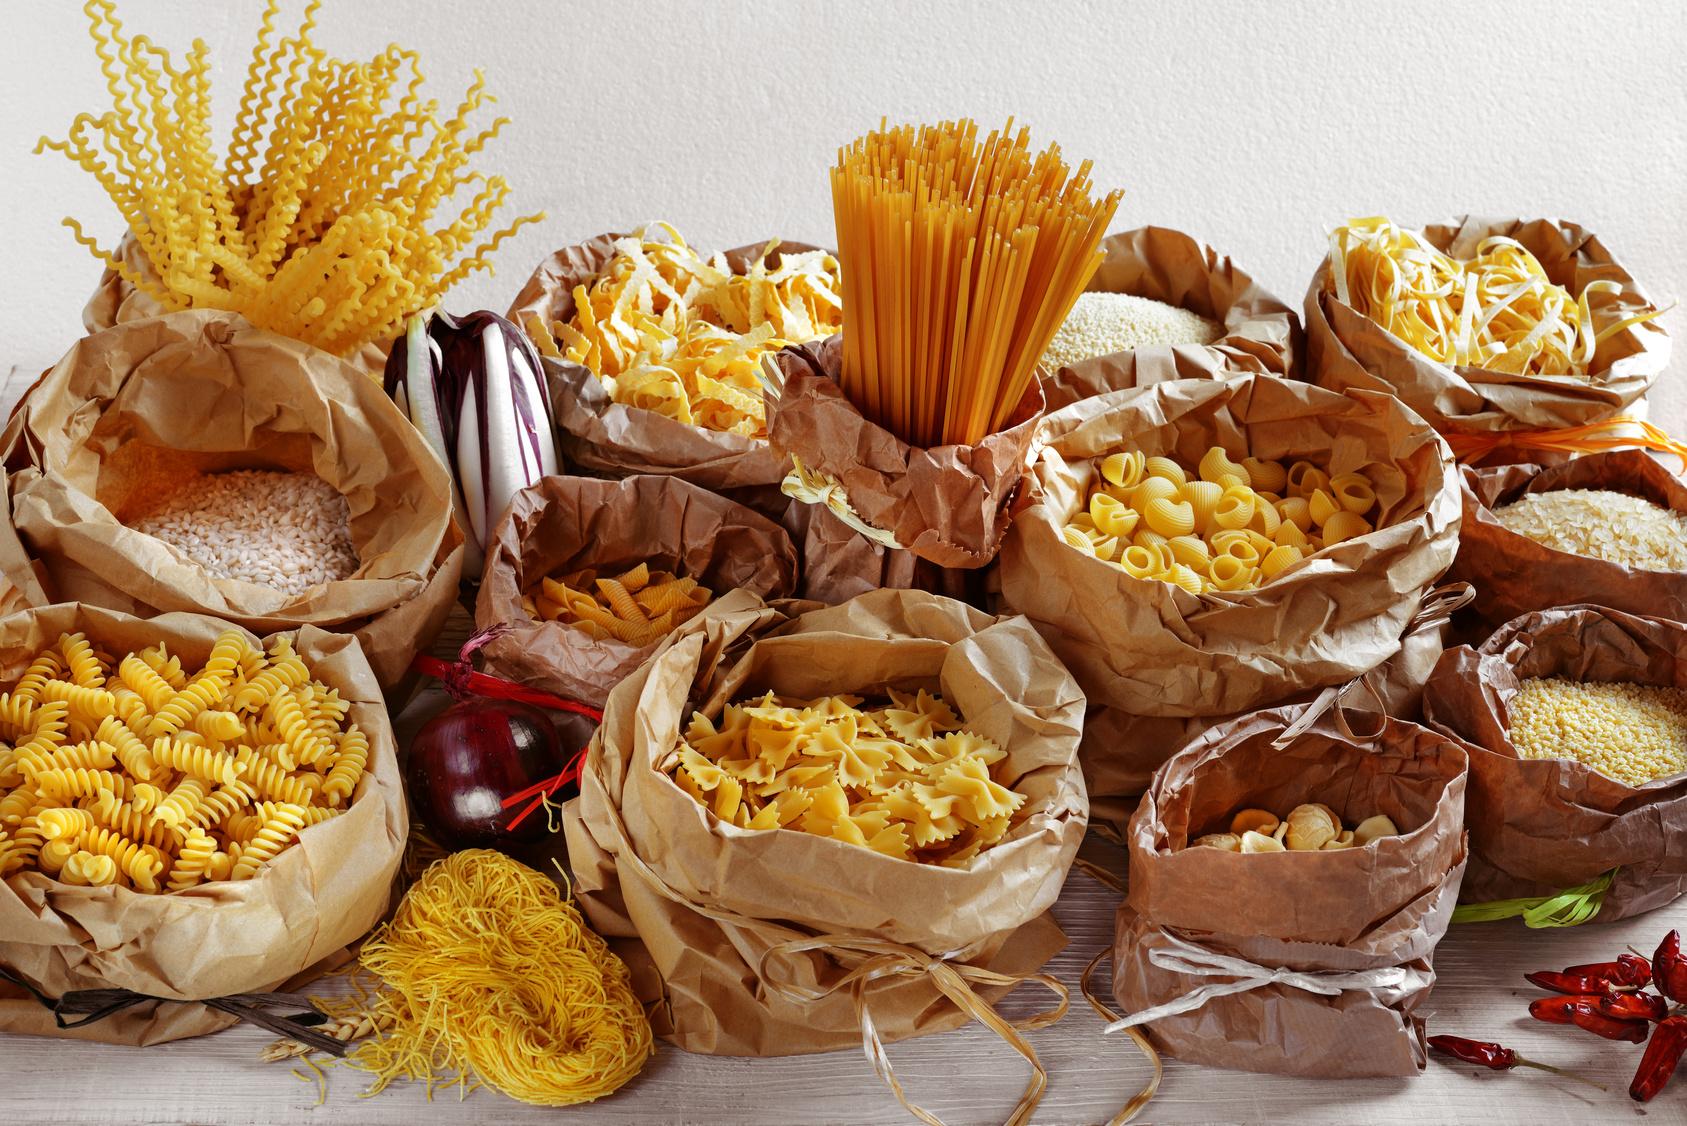 packungen-mit-getreide-nudeln-reis-pasta-produkte-mit-gluten